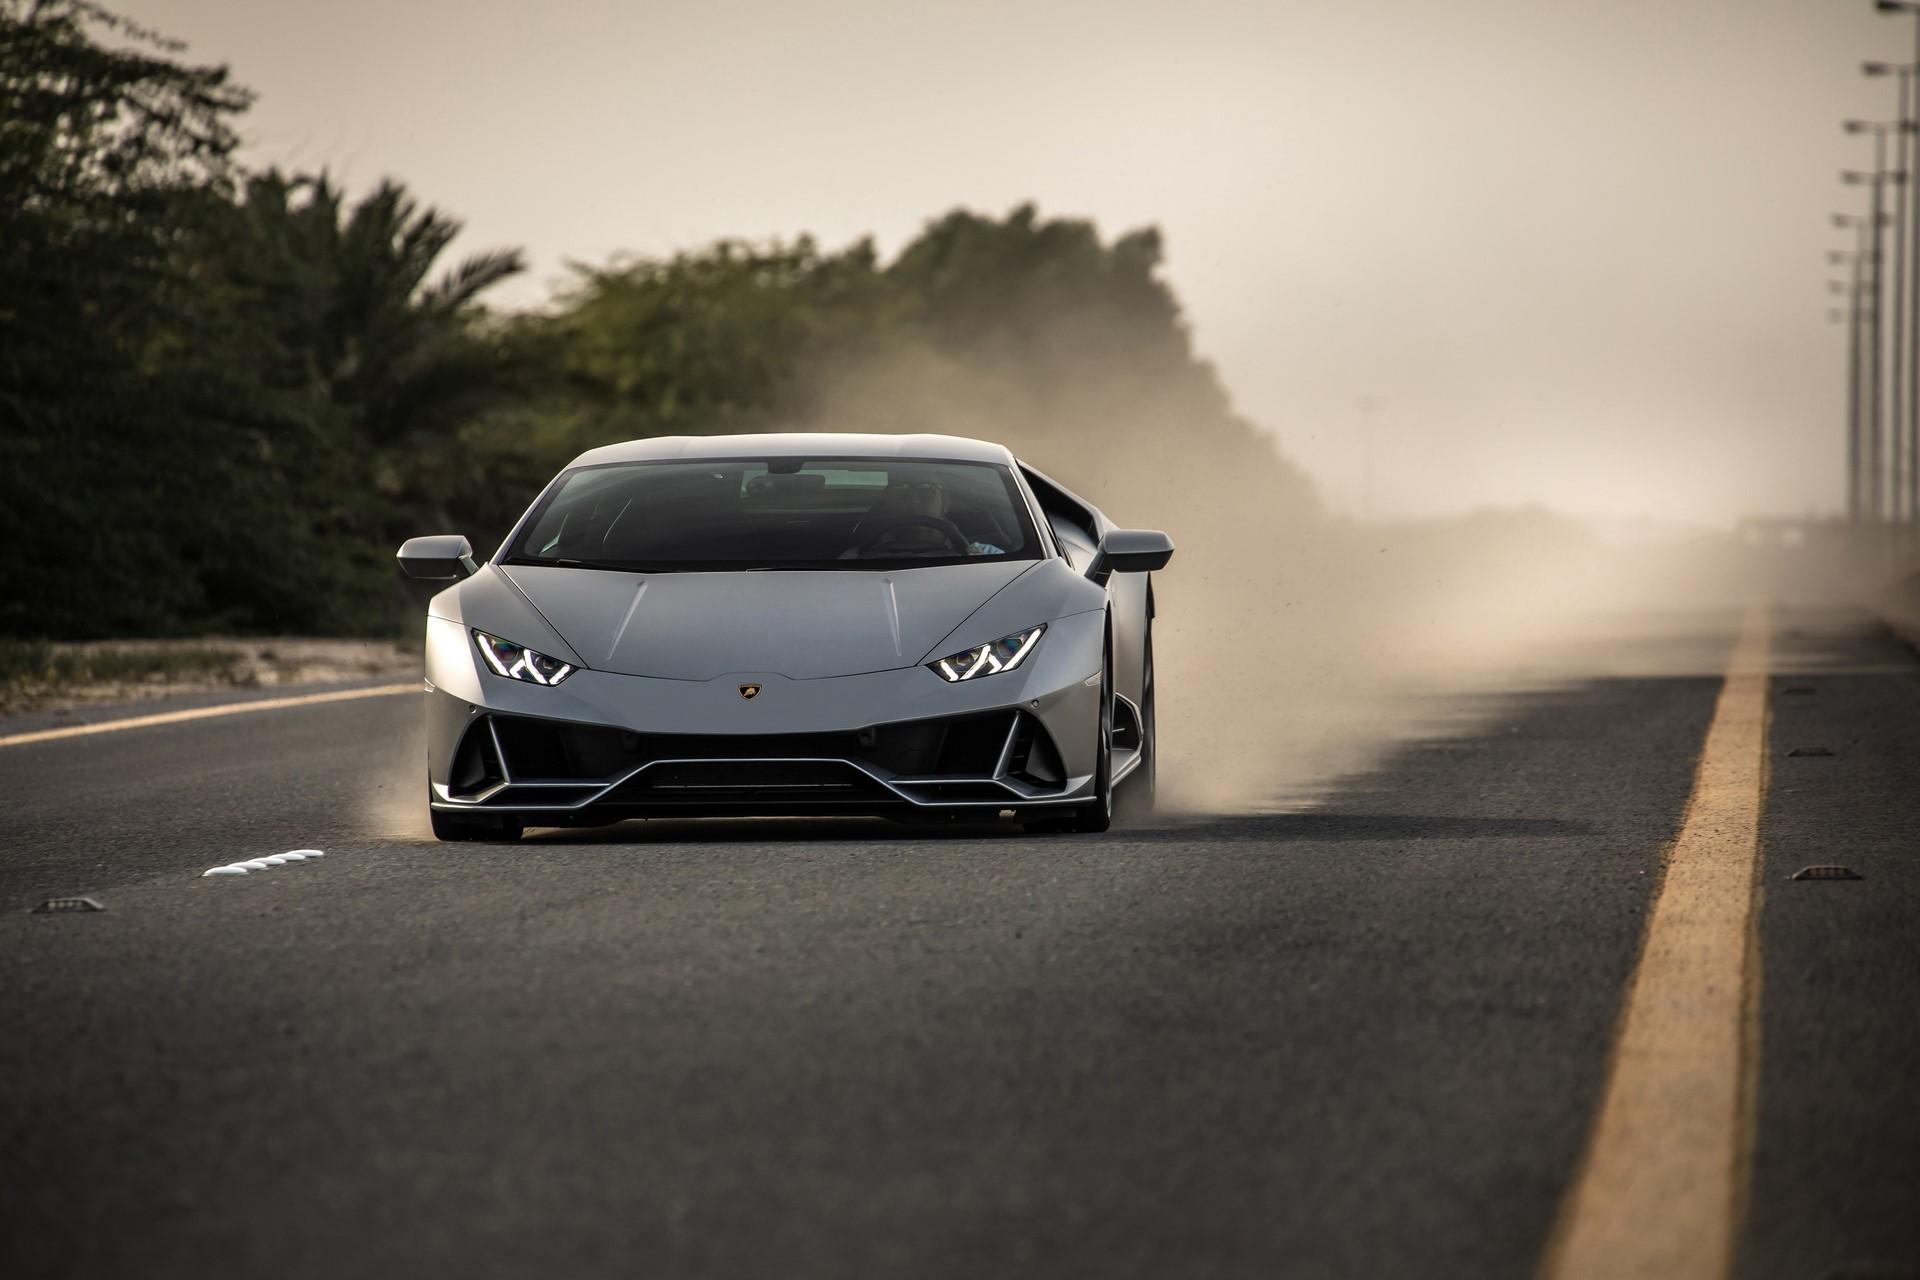 Lamborghini Huracan Evo 2019 (14)